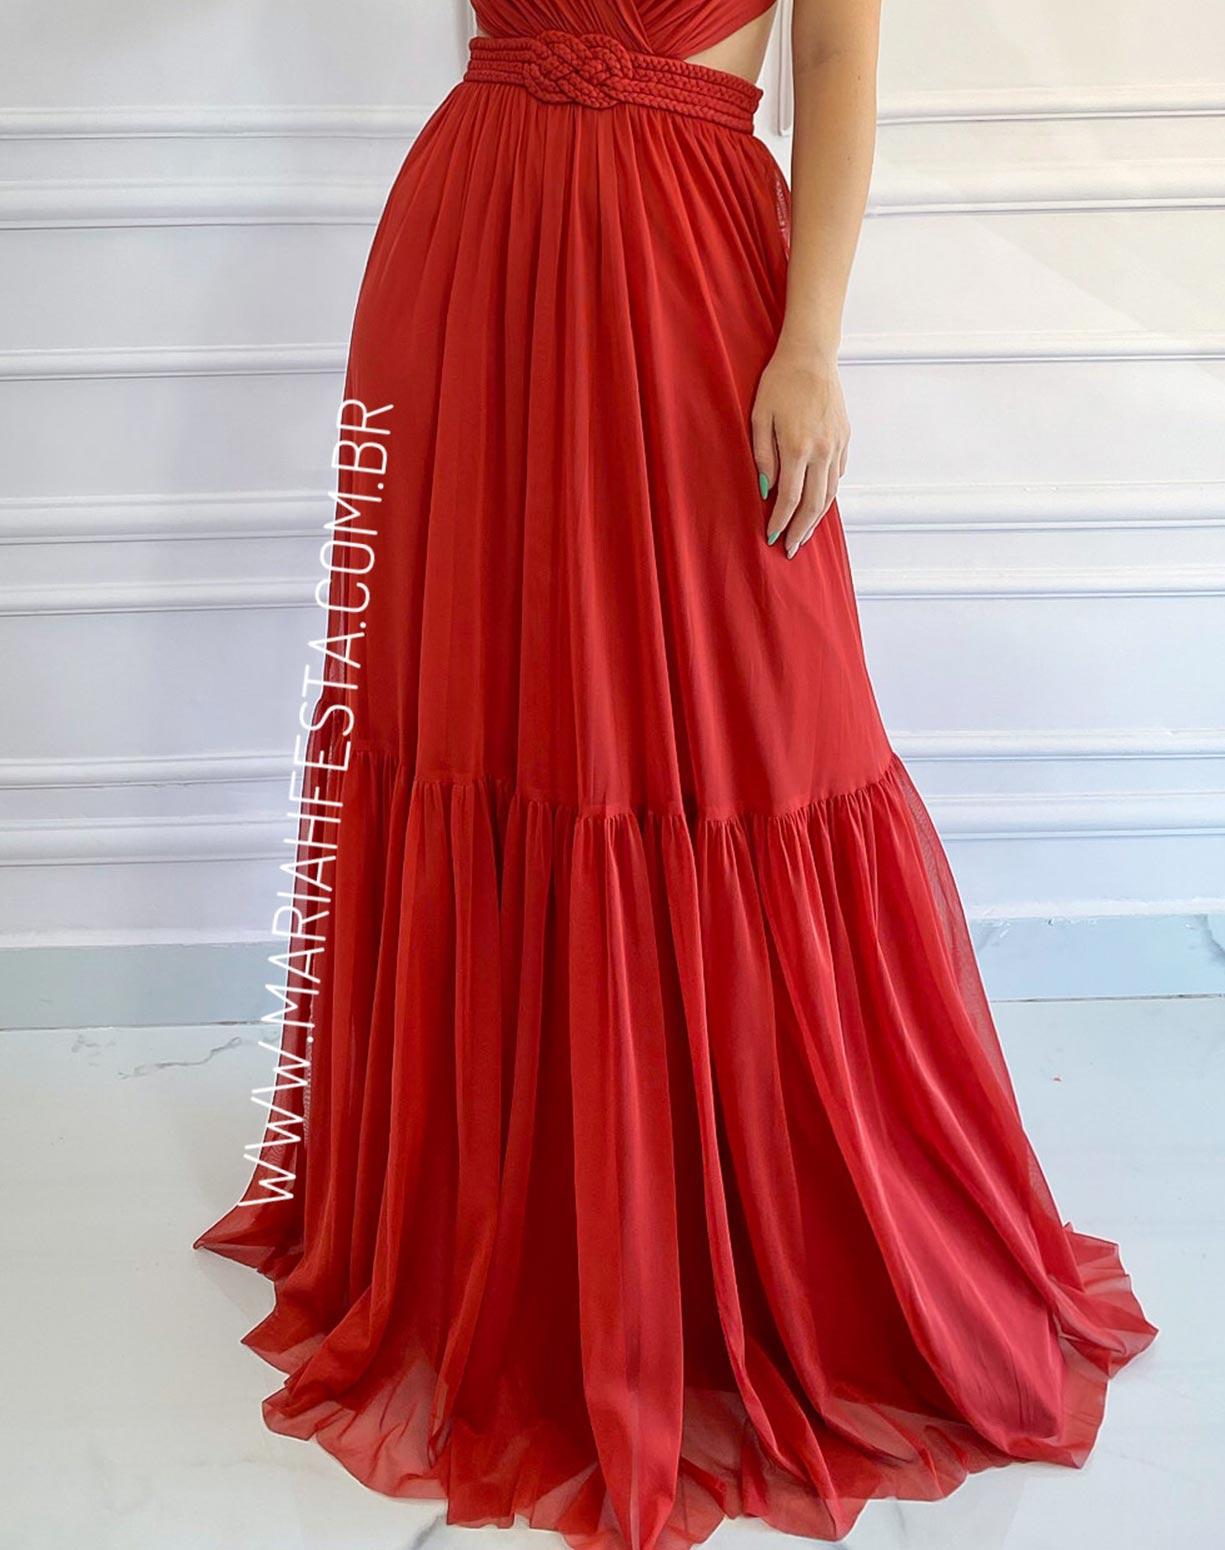 Vestido Terracota (avermelhado)  em Tule com Cinto em Macramê